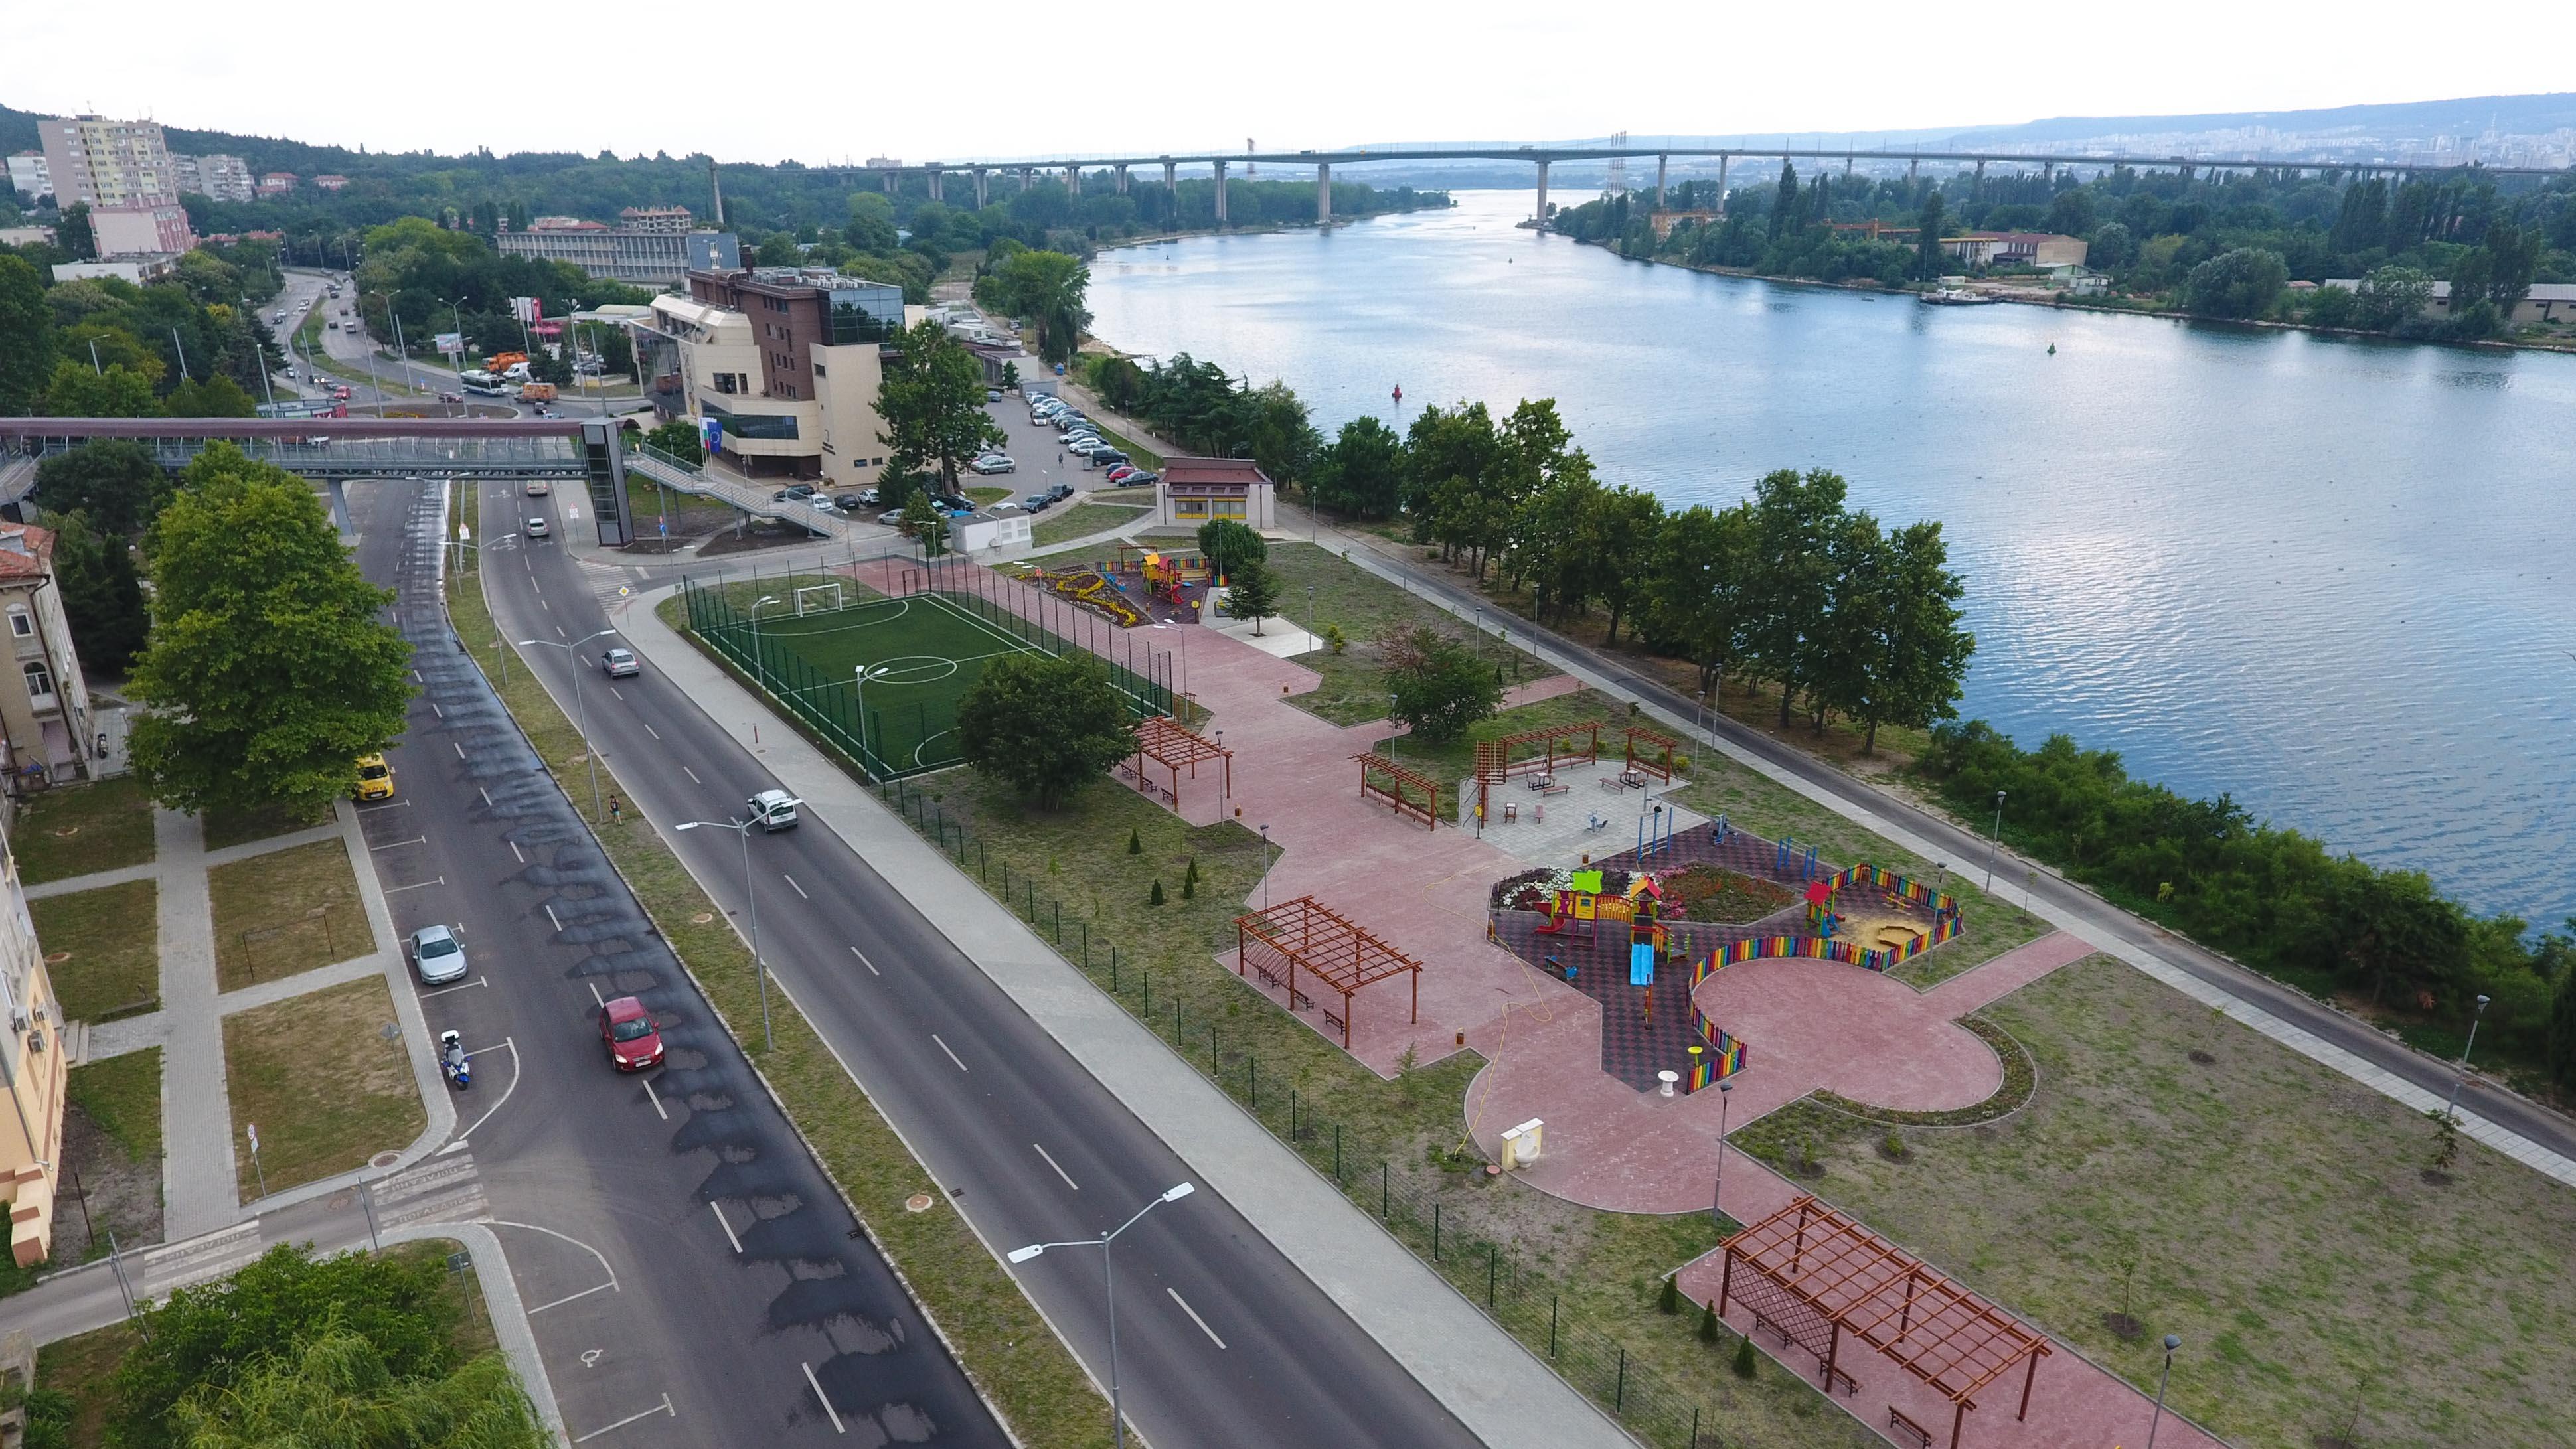 Gotovi Sa Dva Ot Infrastrukturnite Proekti V Asparuhovo Novini